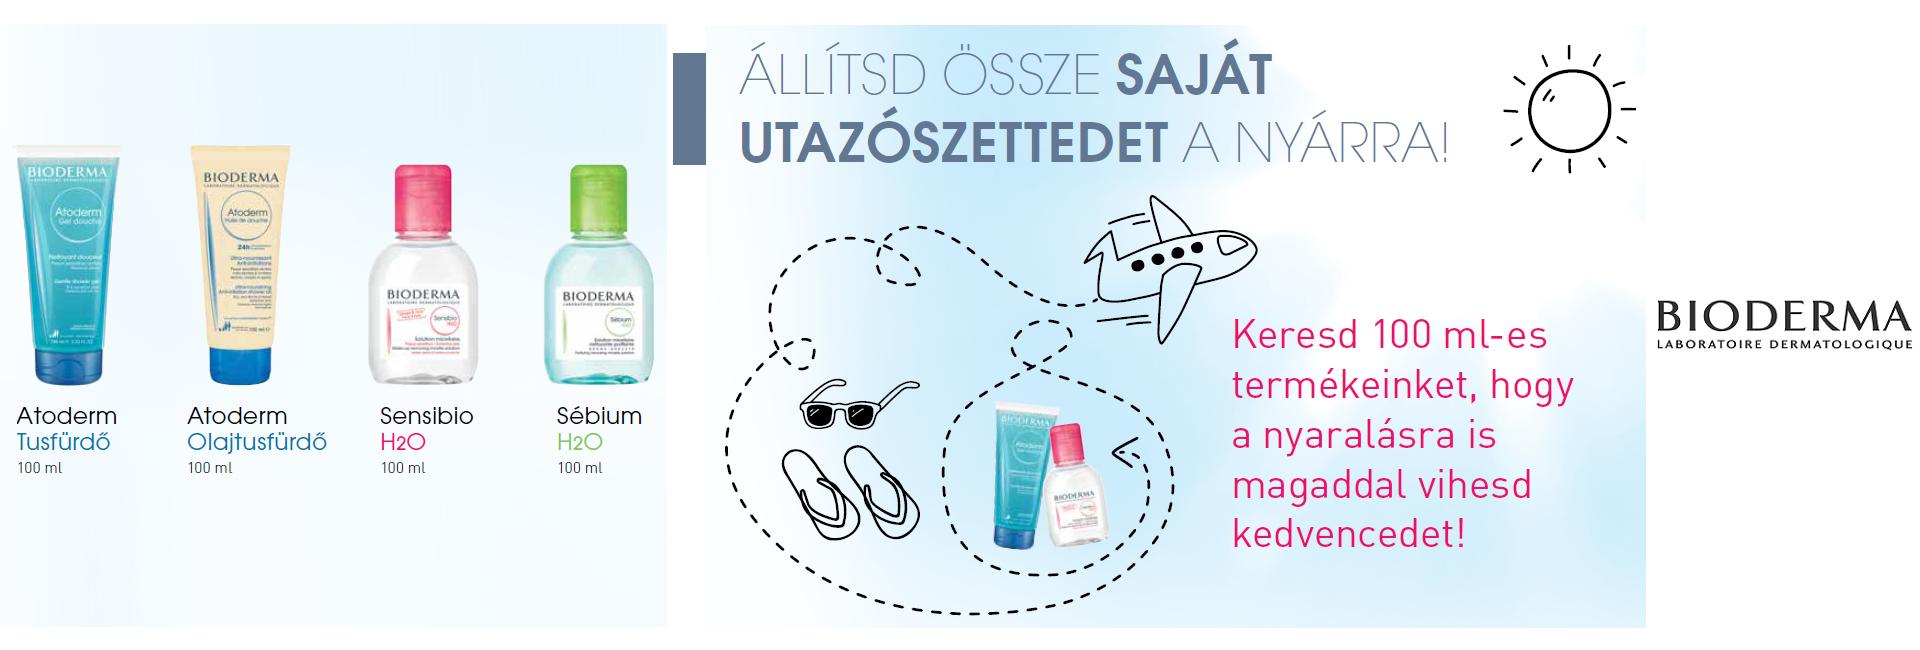 Állítsa össze saját utazószettjét! 50-54% kedvezményt adunk a Bioderma Travel Size termékekre!